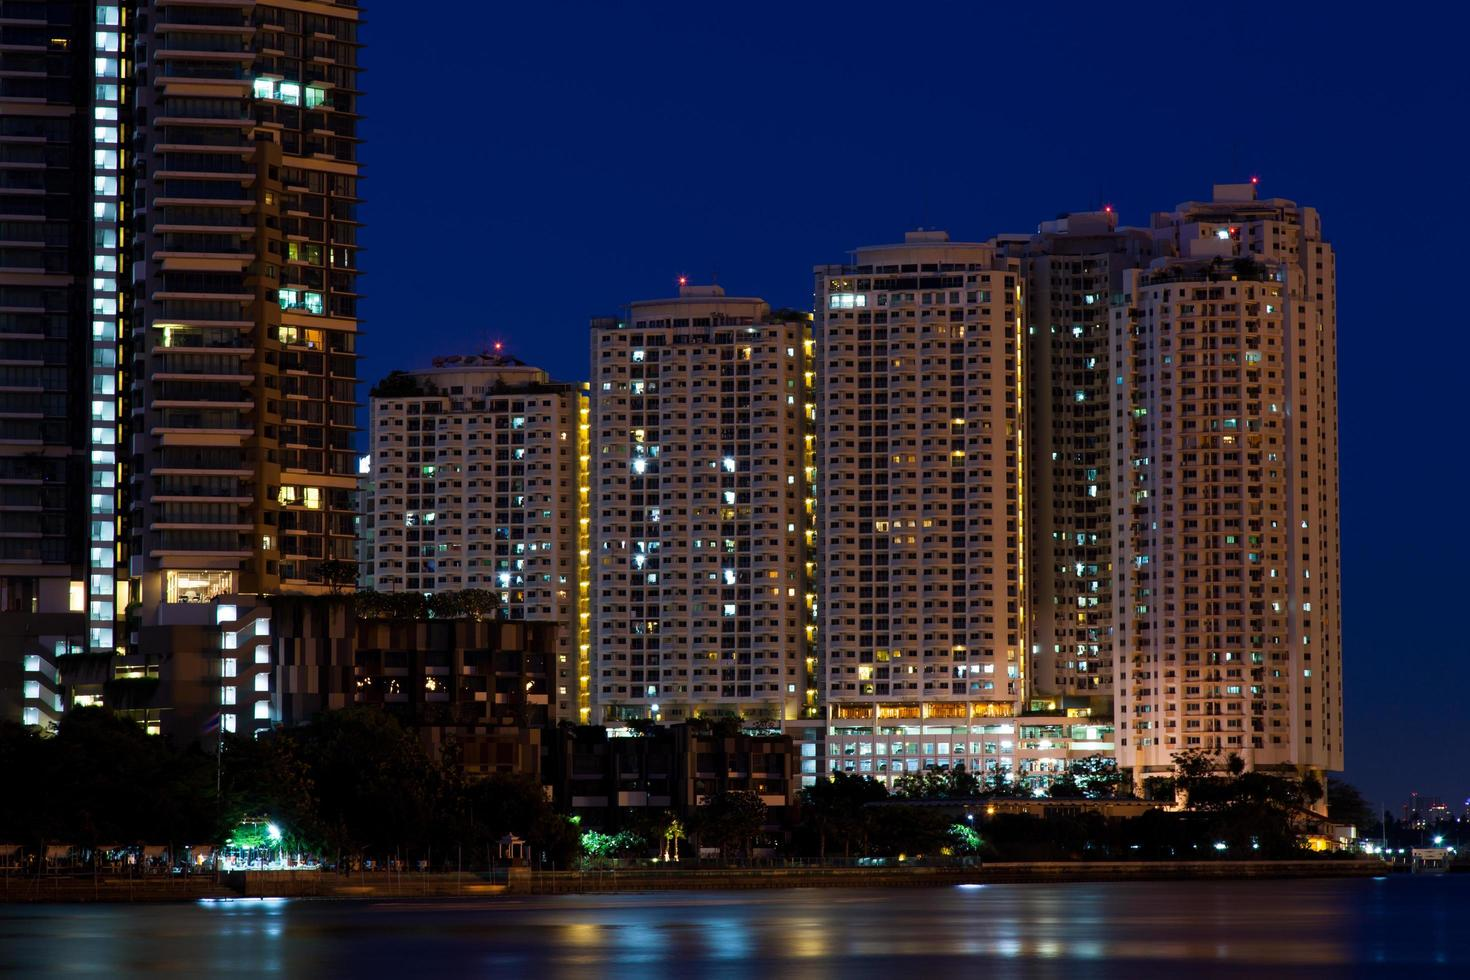 flatgebouwen en wolkenkrabbers 's nachts foto